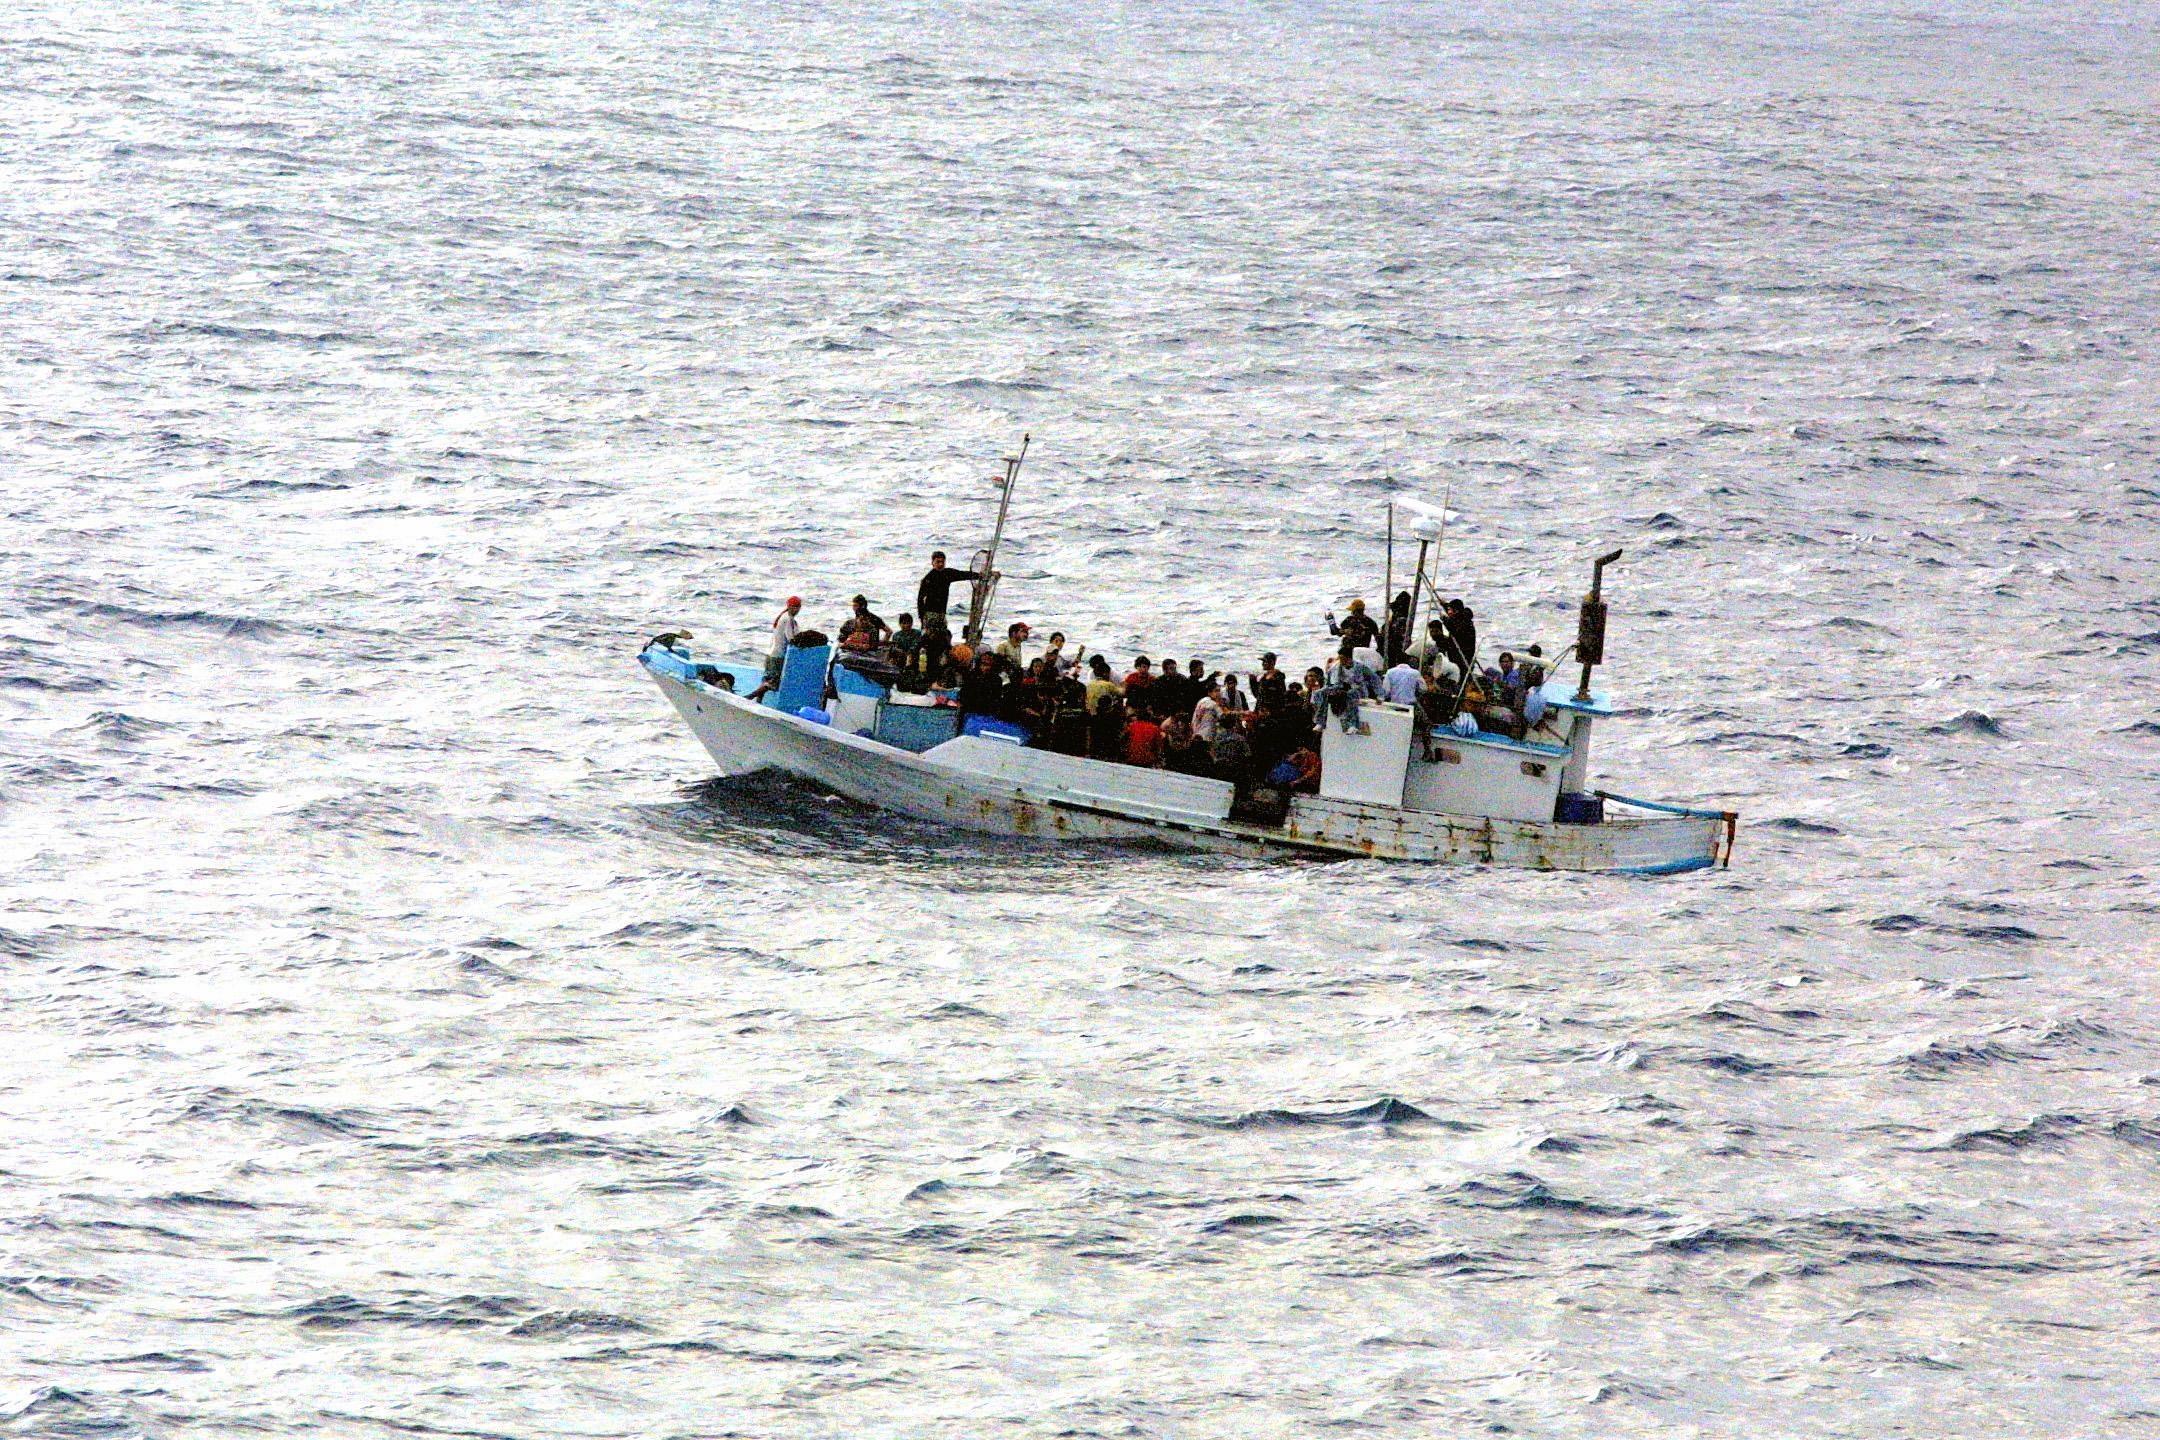 """""""We hebben zelfs een dag gehad waarop er meer dan 2000 aankwamen."""" Aldus een mevrouw die op het Griekse eiland Lesbos woont. Ze doelt op de bootvluchtelingen die haar eiland aandoen. """"In het begin (april) reed er nog wel eens een bus voor de vluchtelingen vanaf de haven van Molyvos naar de hoofdstad Mitilini waar…"""